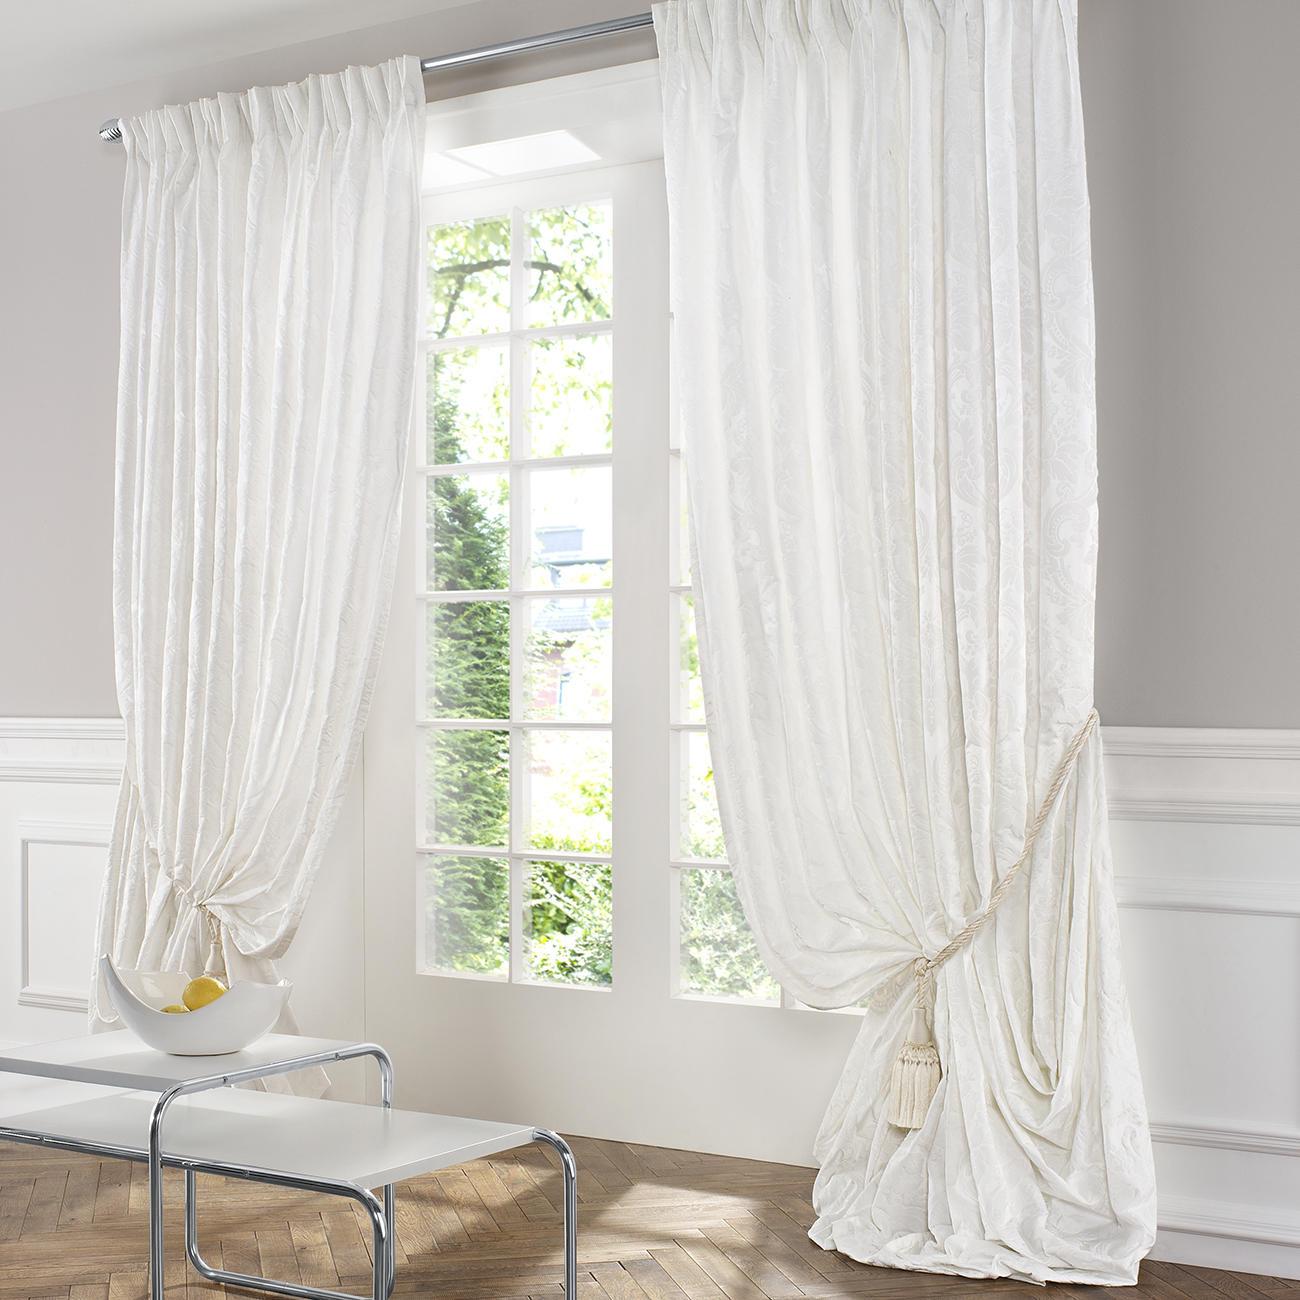 vorhang ornamental 1 st ck vorh nge online kaufen. Black Bedroom Furniture Sets. Home Design Ideas